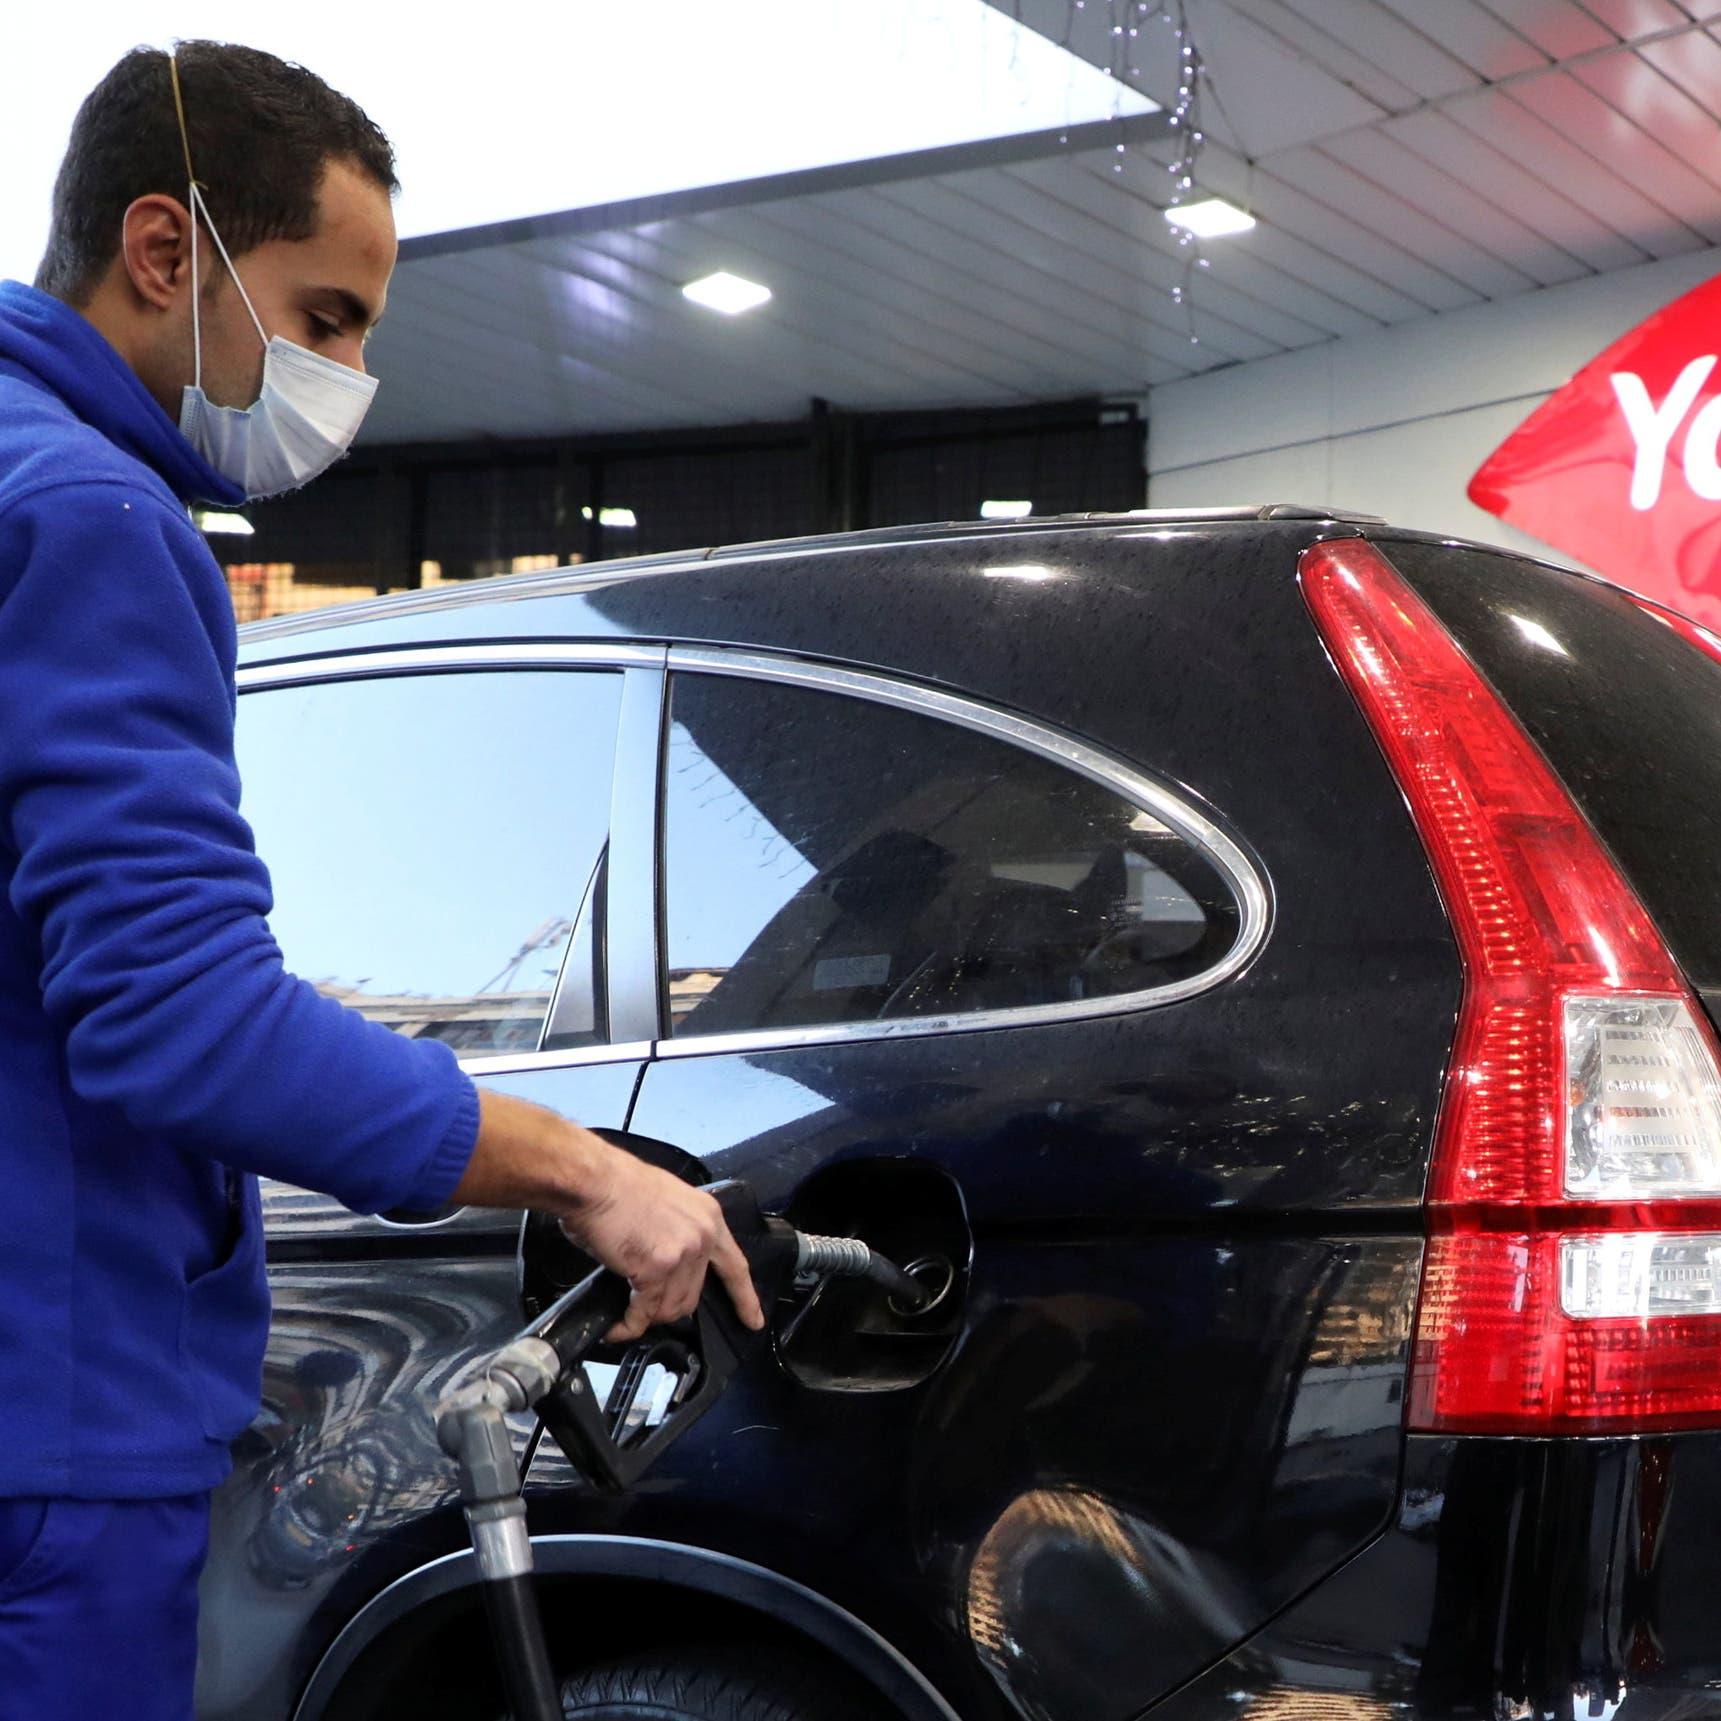 مديرية النفط اللبنانية: توريد الوقود المخزن بسعر الصرف الأصلي